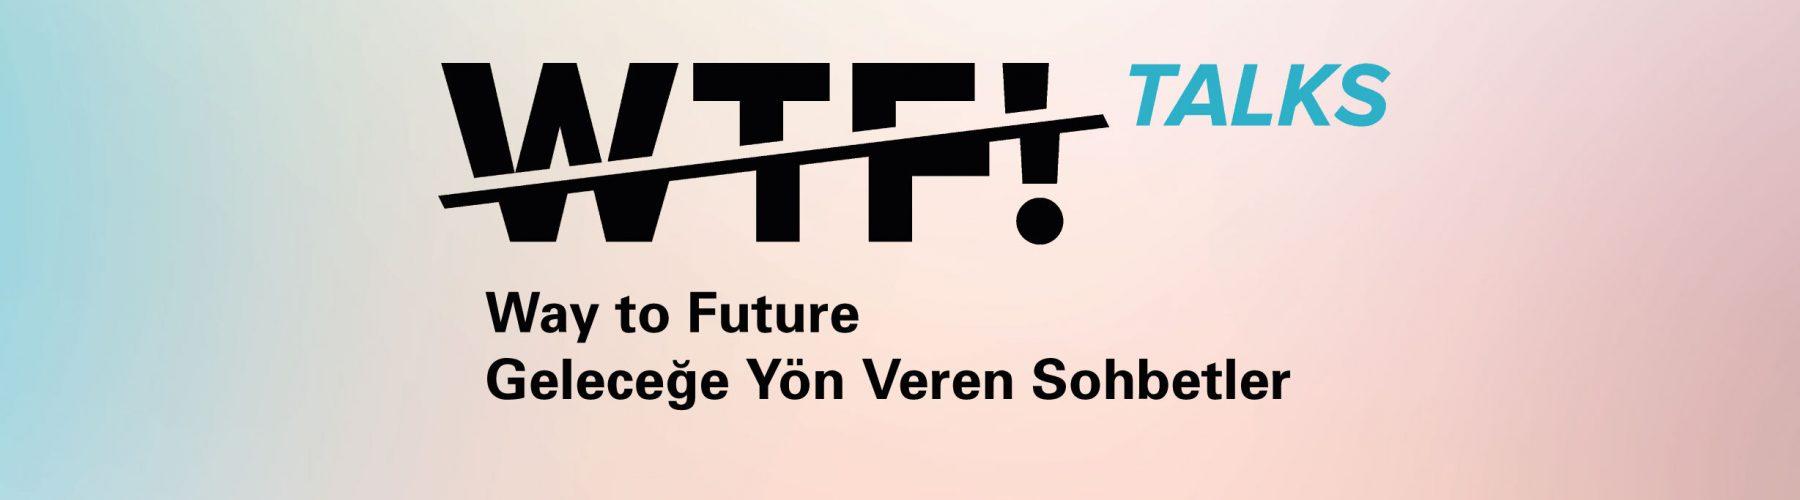 wtf_talks_kapak